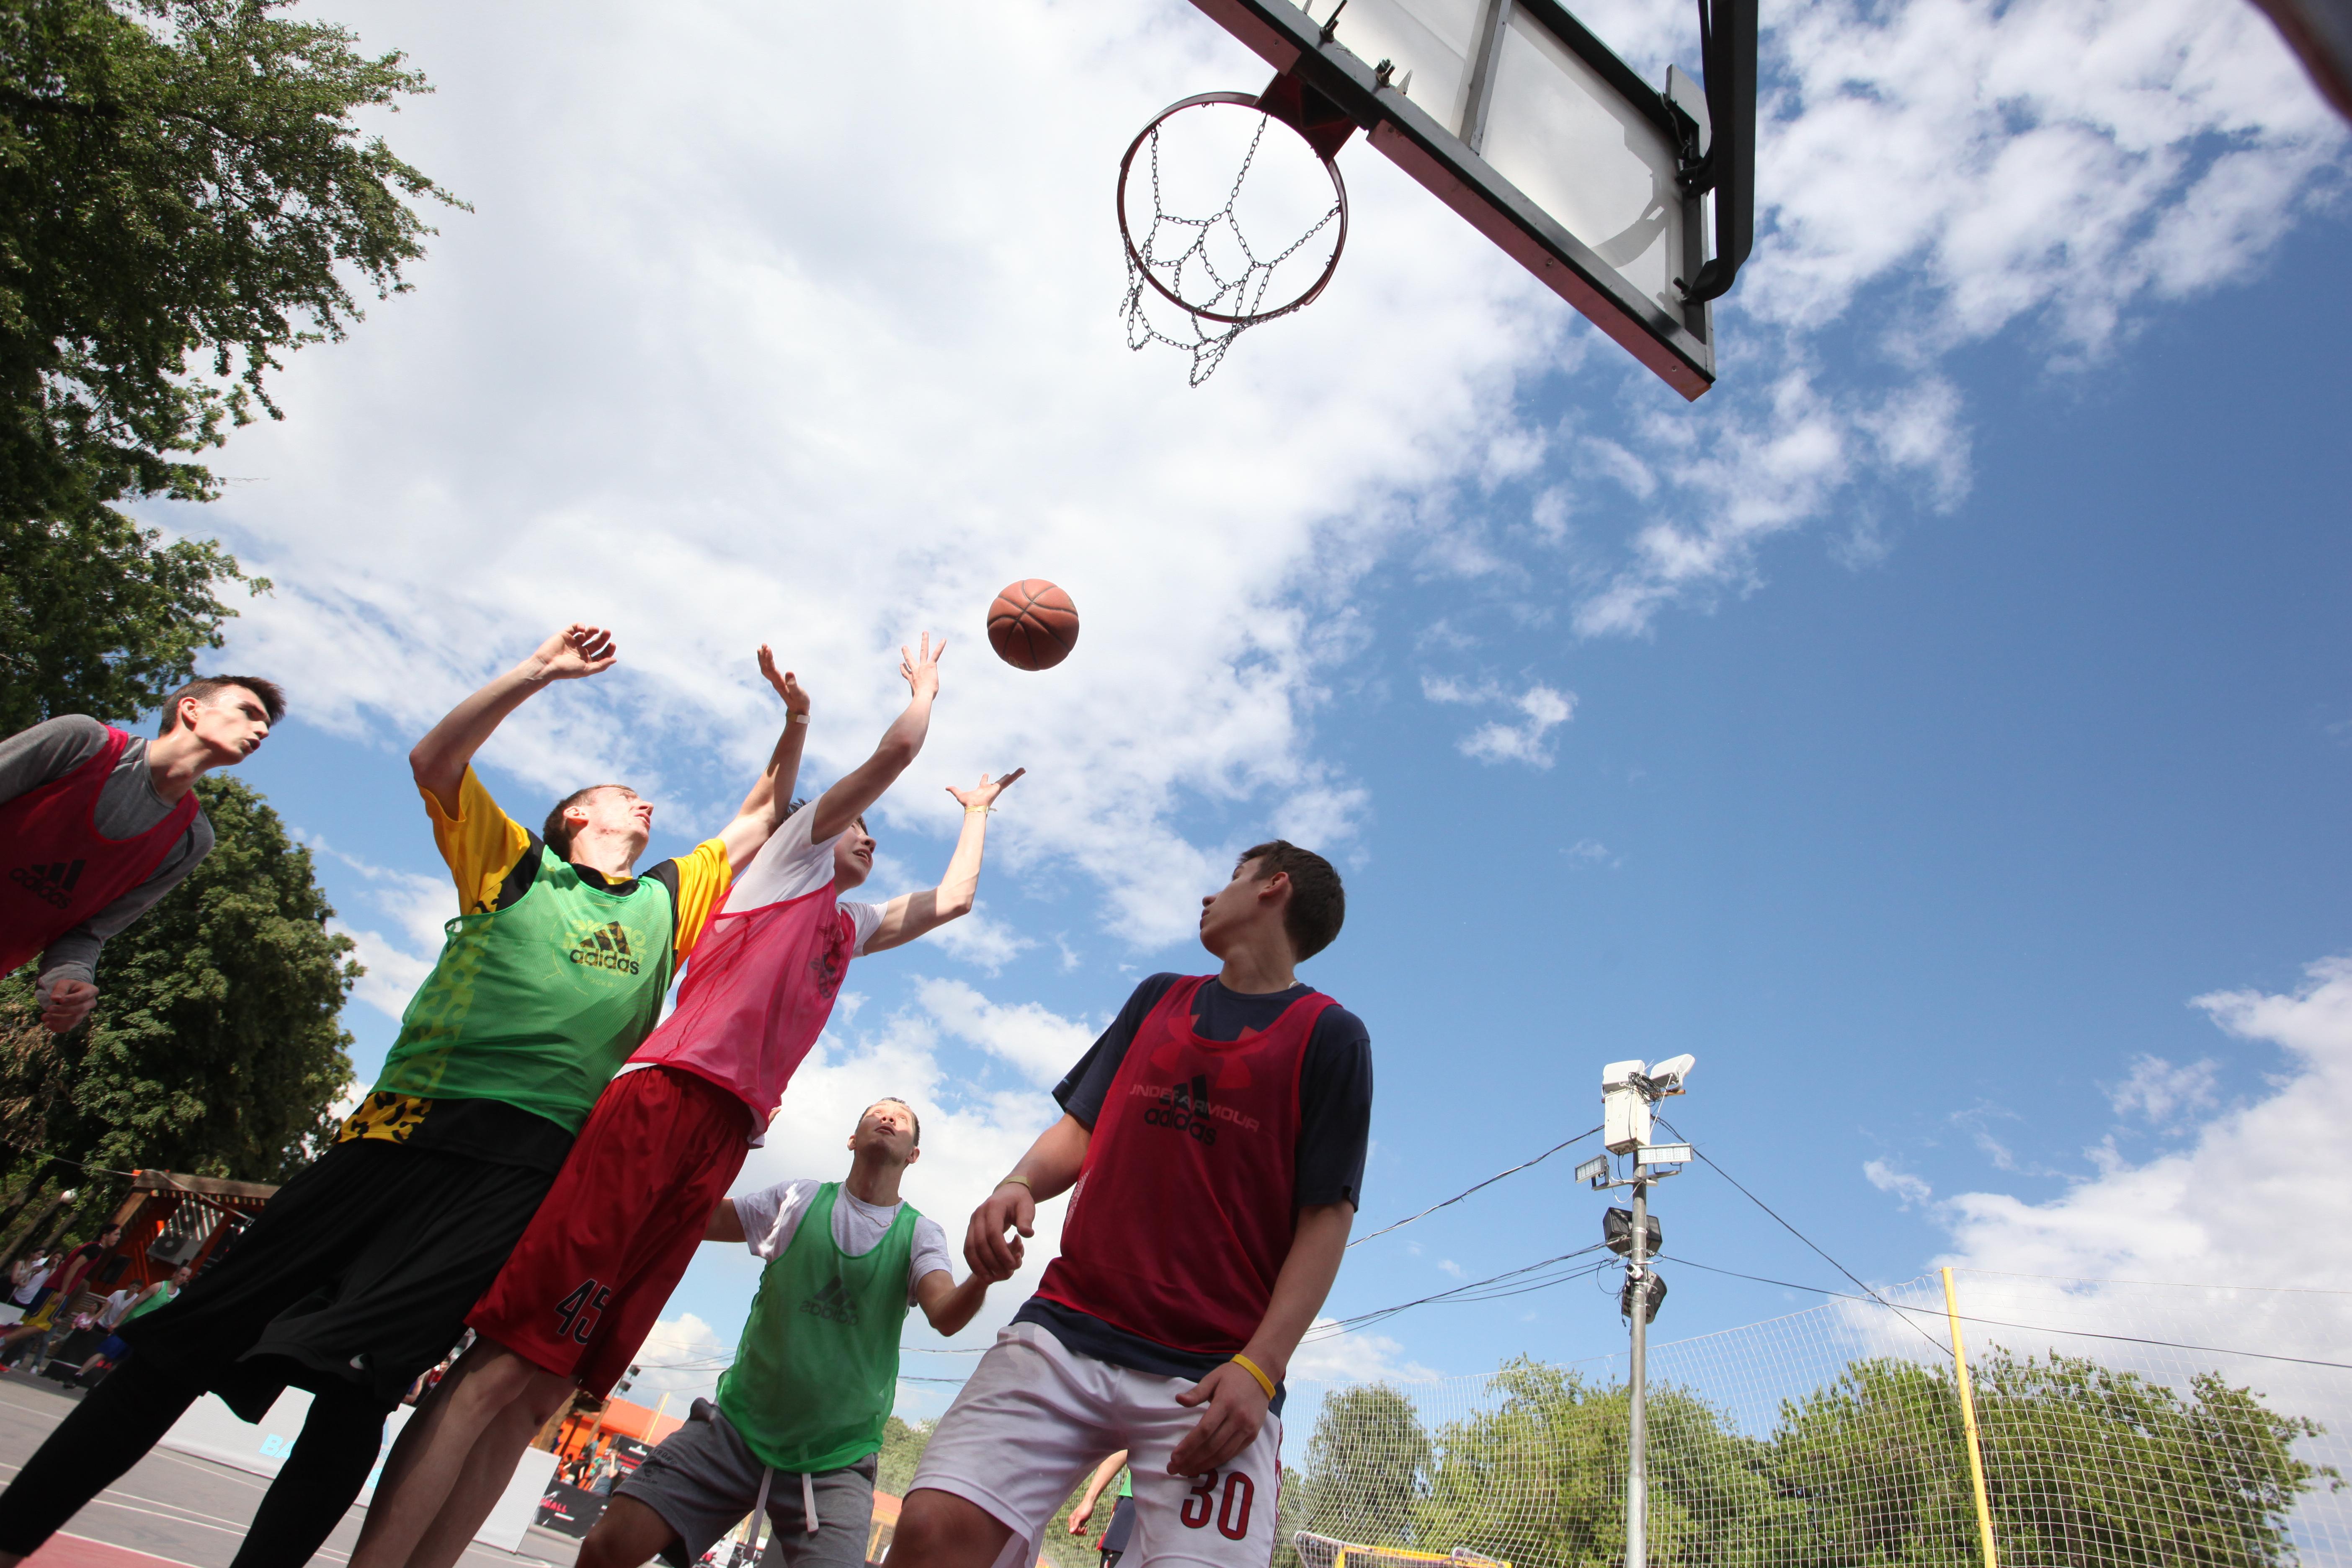 Баскетболисты в московском парке